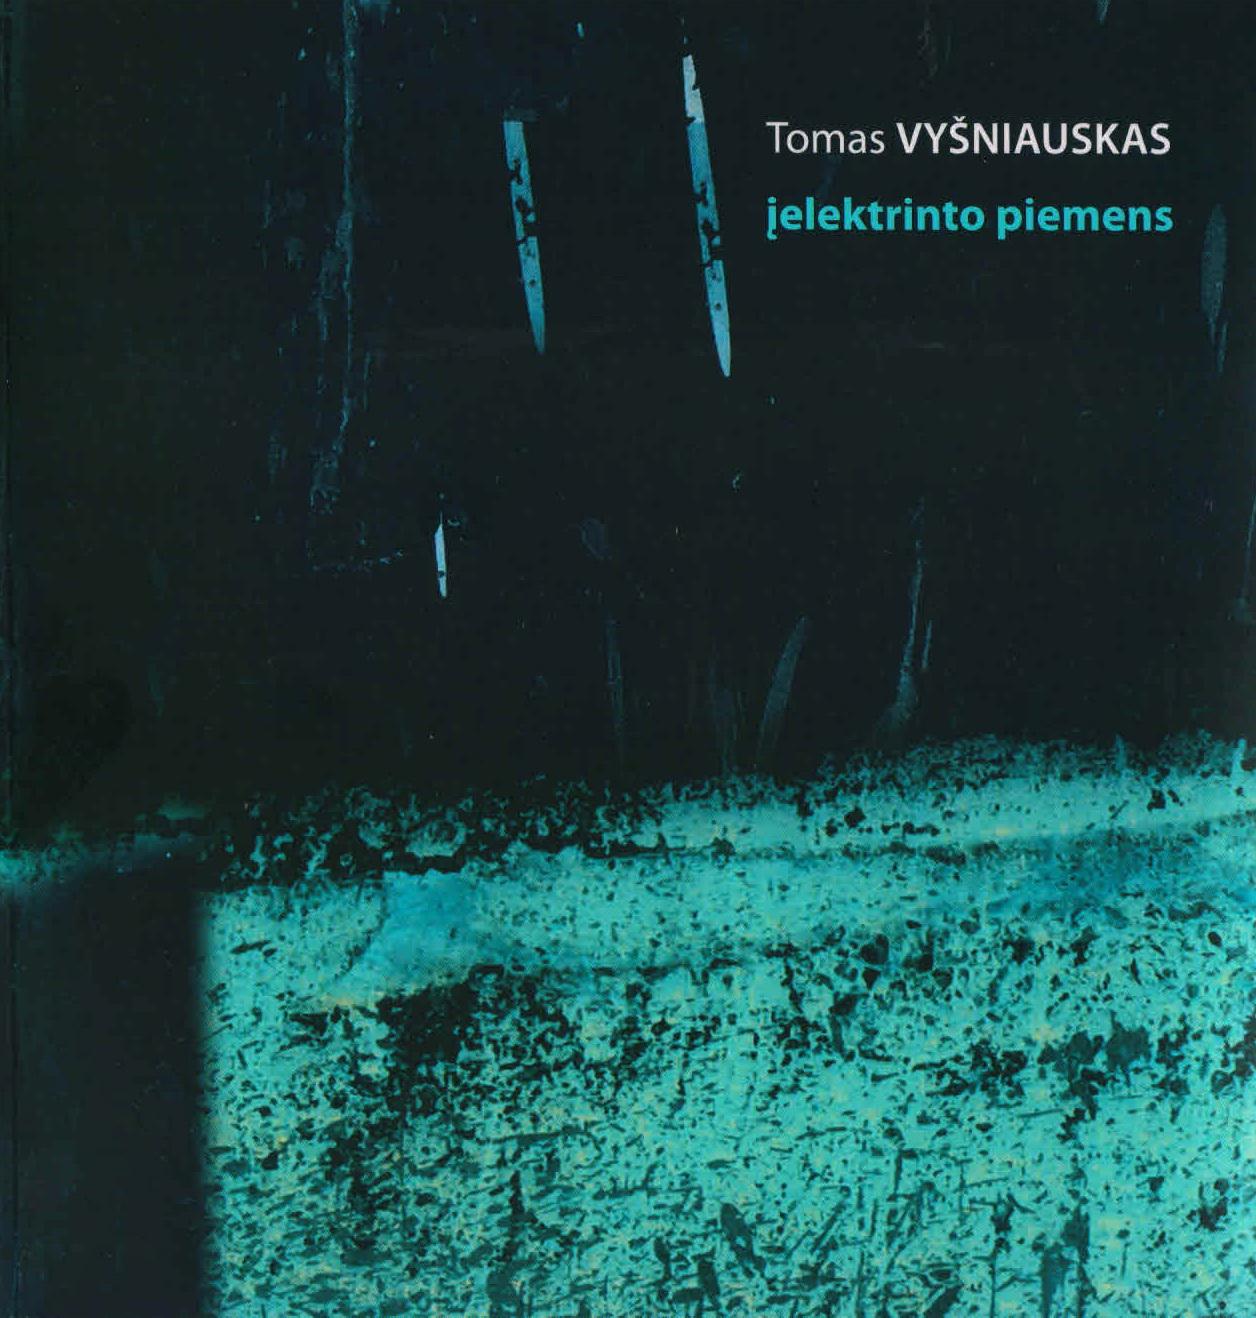 """Tomas Vyšniauskas. """"įelektrinto piemens"""" (Kaunas: Kauko laiptai, 2018)"""